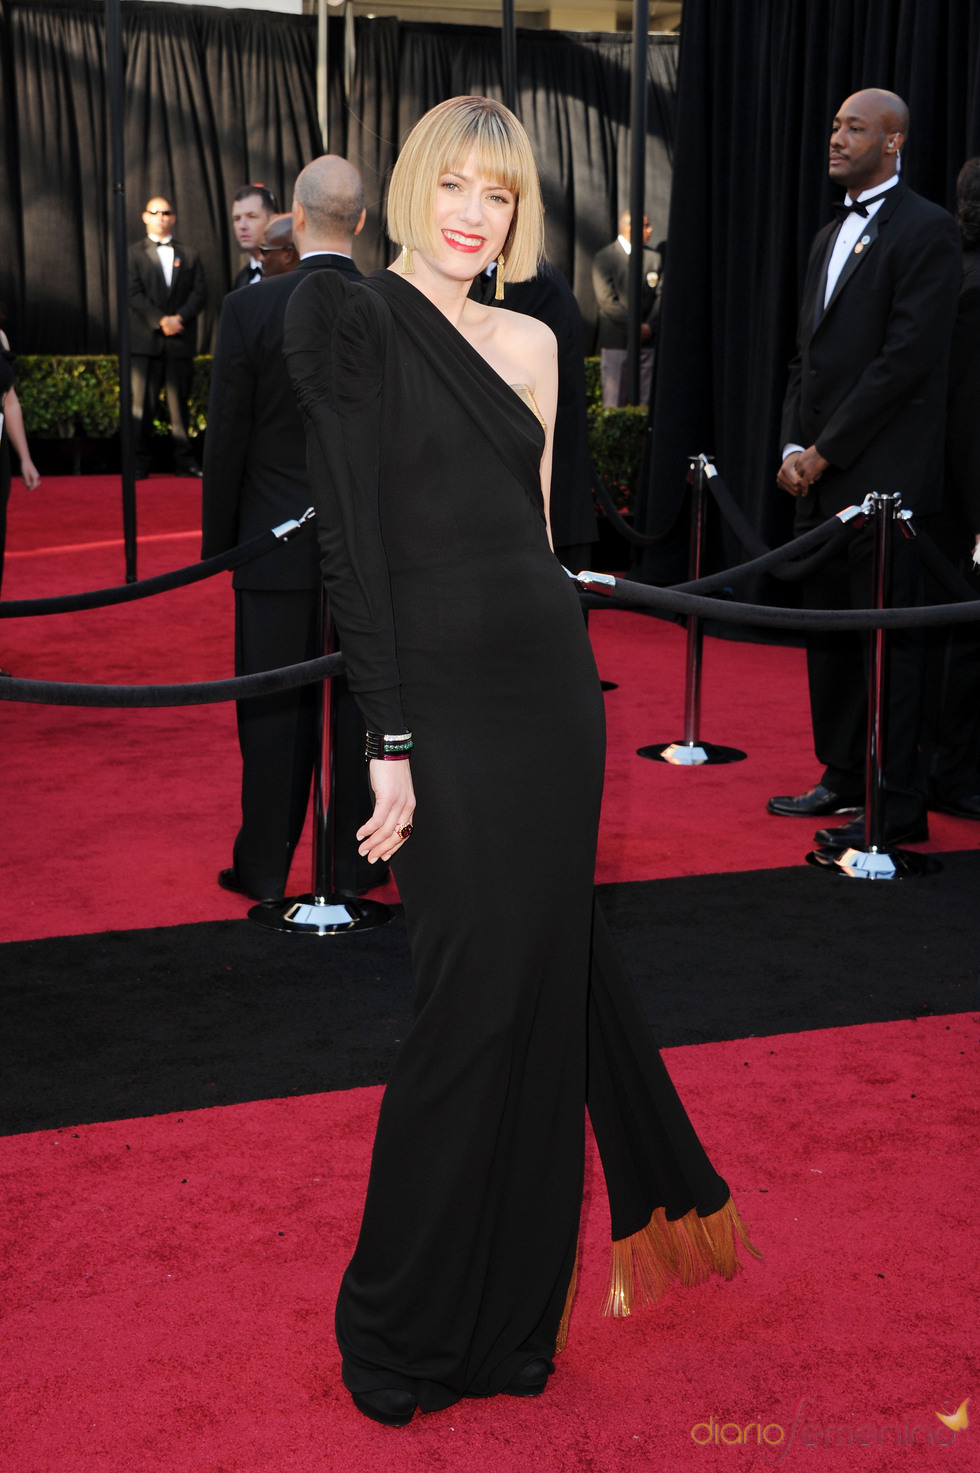 Sunrise Coigney posa en la alfombra roja de los Oscar 2011